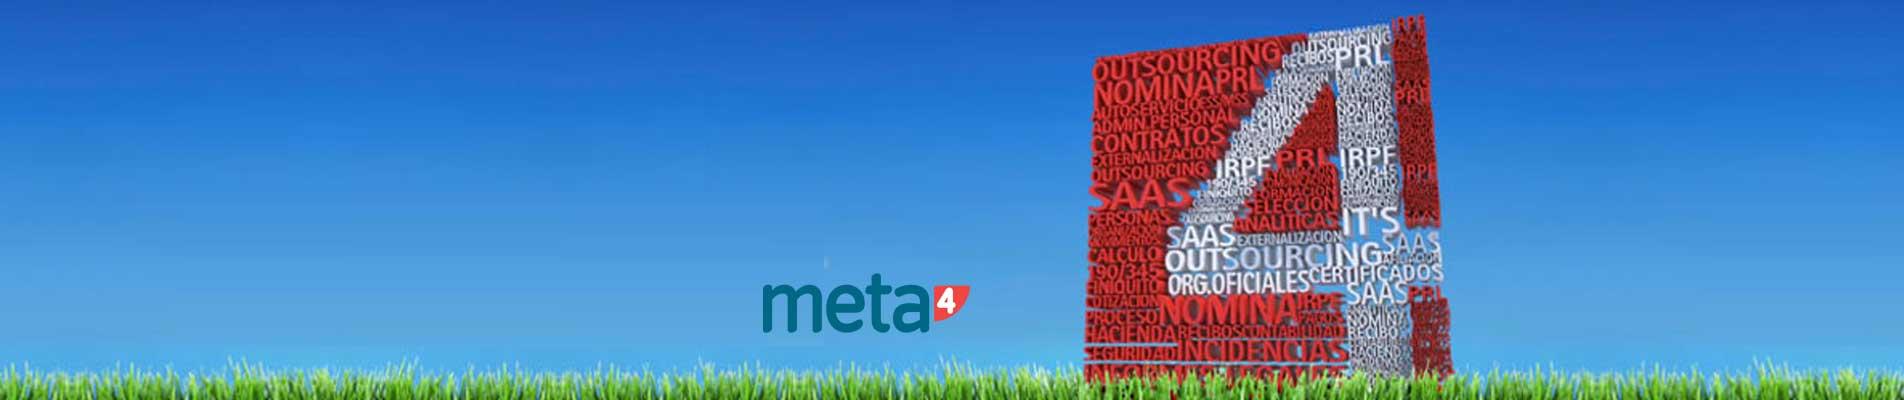 consultoria-informatica-4-set-meta4